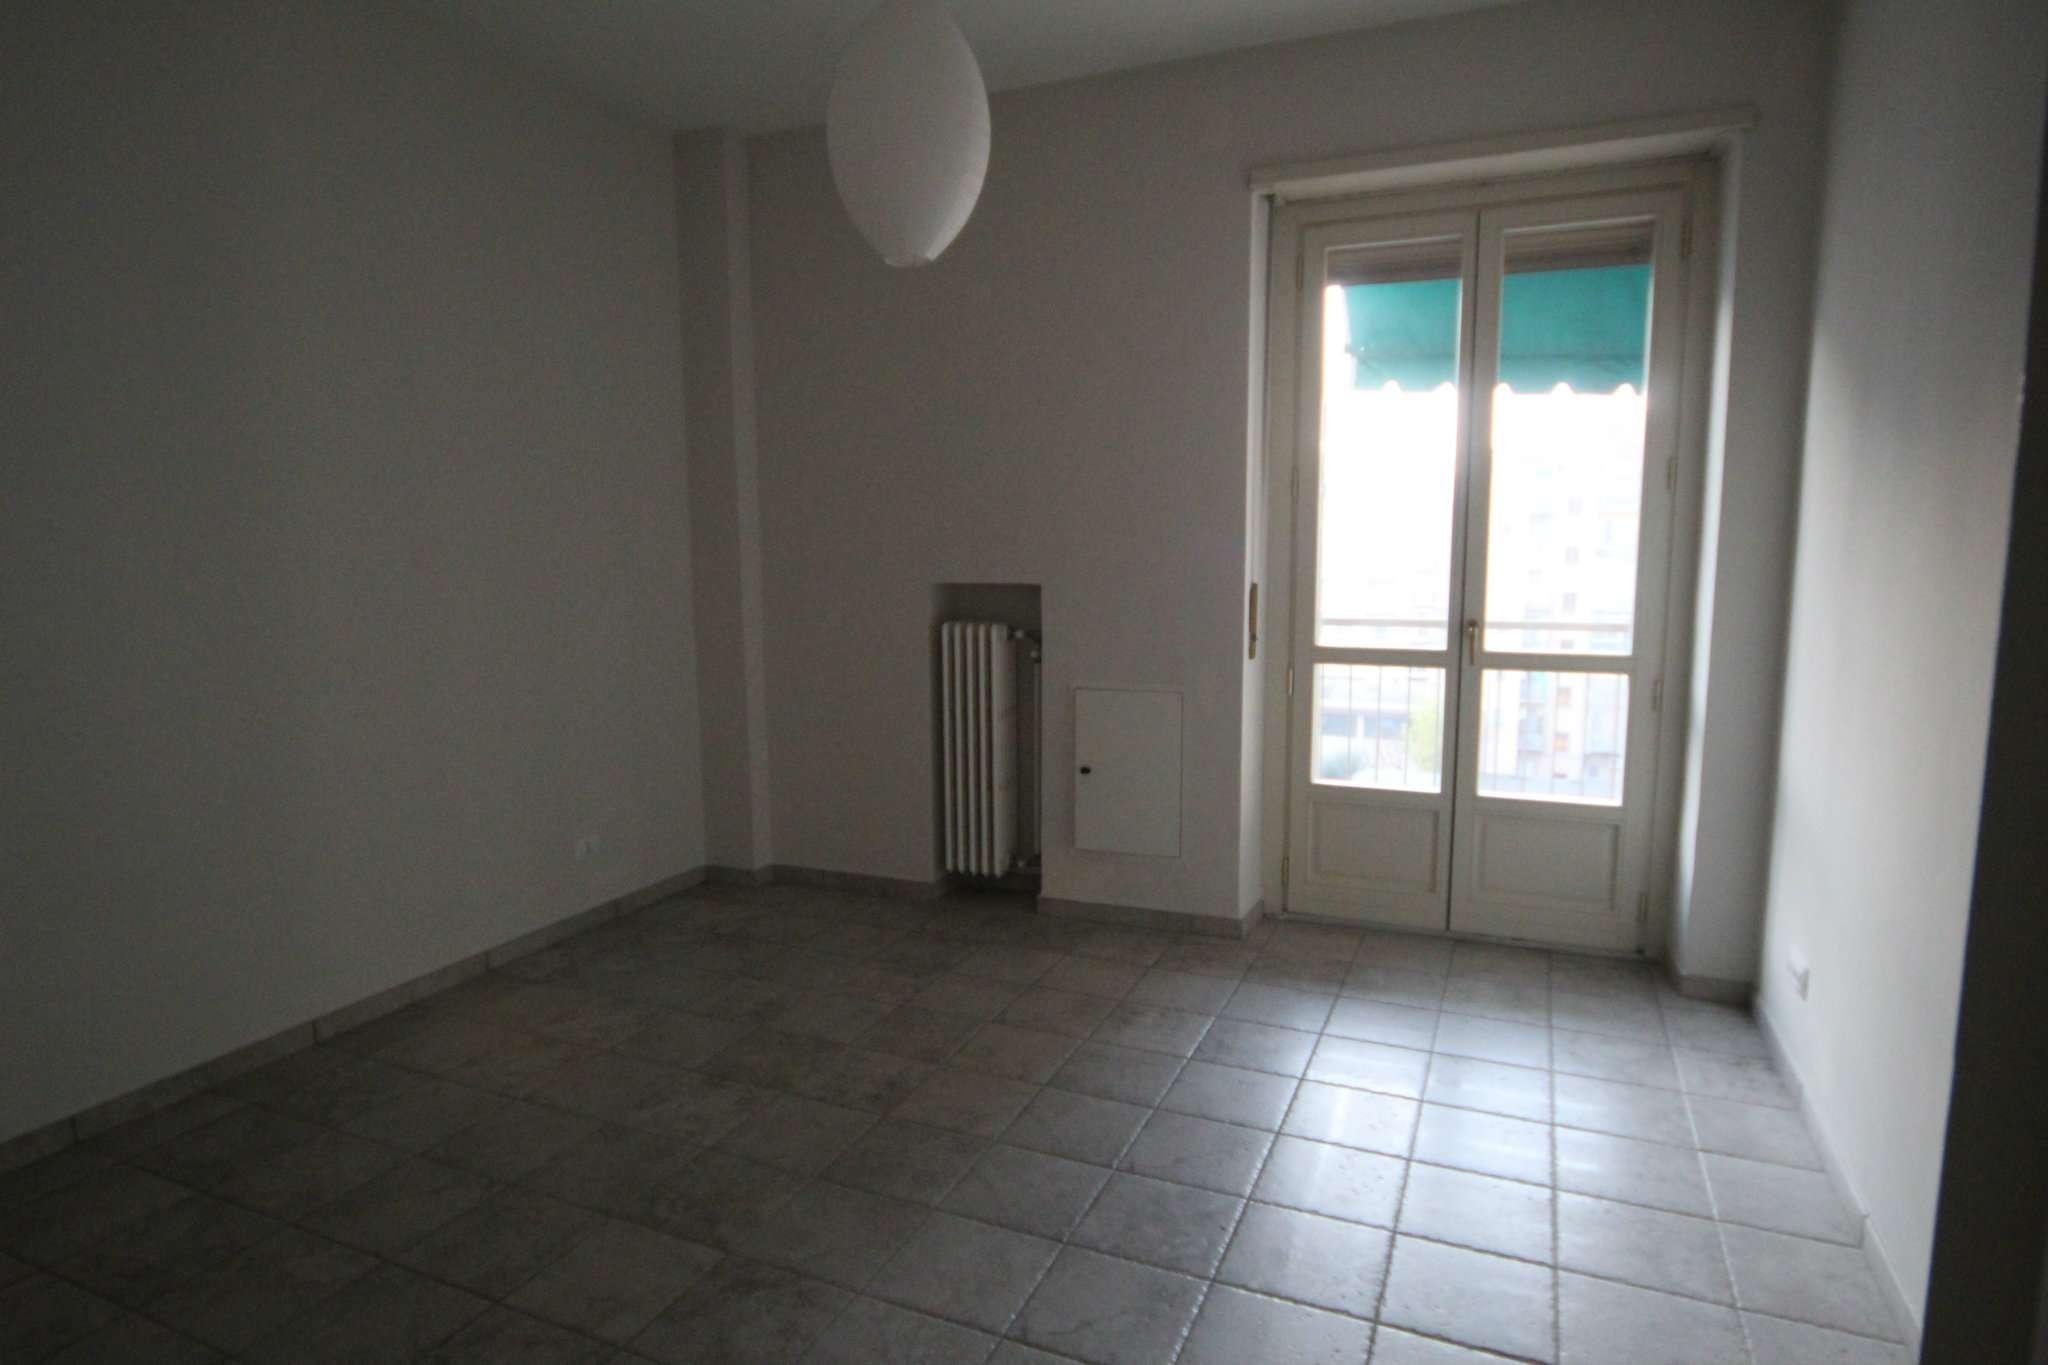 Appartamento in affitto Zona Cit Turin, San Donato, Campidoglio - via Rosta 23 Torino